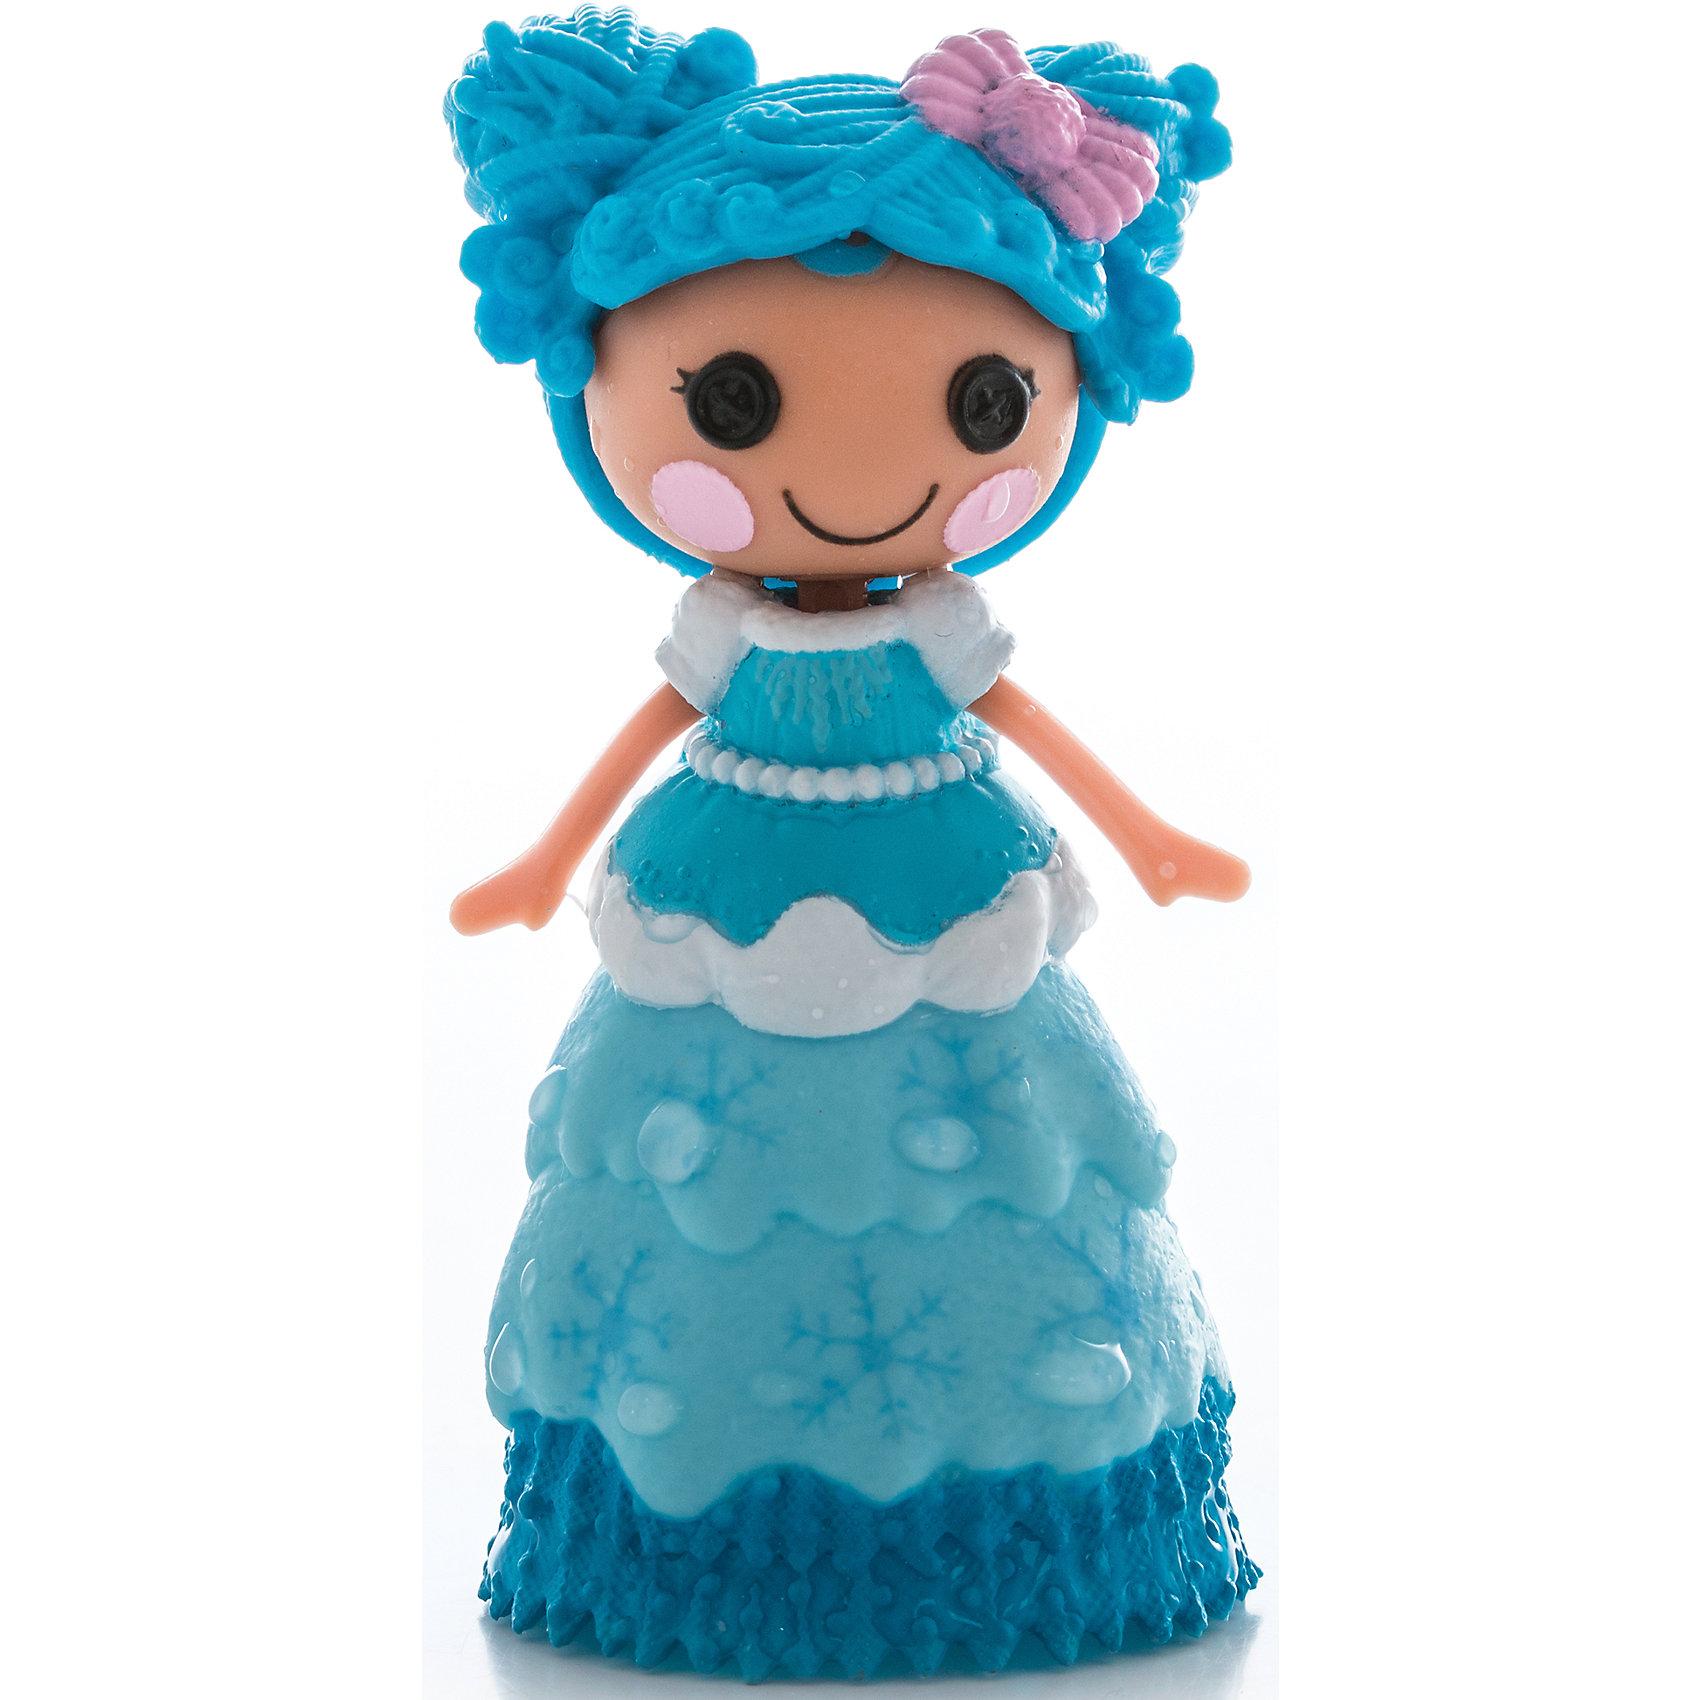 Кукла Мини-Лалалупси, с дополнительными аксессуарами, в ассортиментеБольшой набор Mini Lalaloopsy с дополнительными нарядами и аксессуарами.<br>Упаковка выполнена в форме домика.<br>Теперь нового персонажа Лалалупси можно создать самому! <br>В комплекте кукла Lalaloopsy Mini, 3 платья, 1 меняющий цвет наряд, 2 прически, 2 пары обуви, 1 волшебная палочка.<br><br>Ширина мм: 200<br>Глубина мм: 210<br>Высота мм: 60<br>Вес г: 163<br>Возраст от месяцев: 48<br>Возраст до месяцев: 2147483647<br>Пол: Женский<br>Возраст: Детский<br>SKU: 5040293